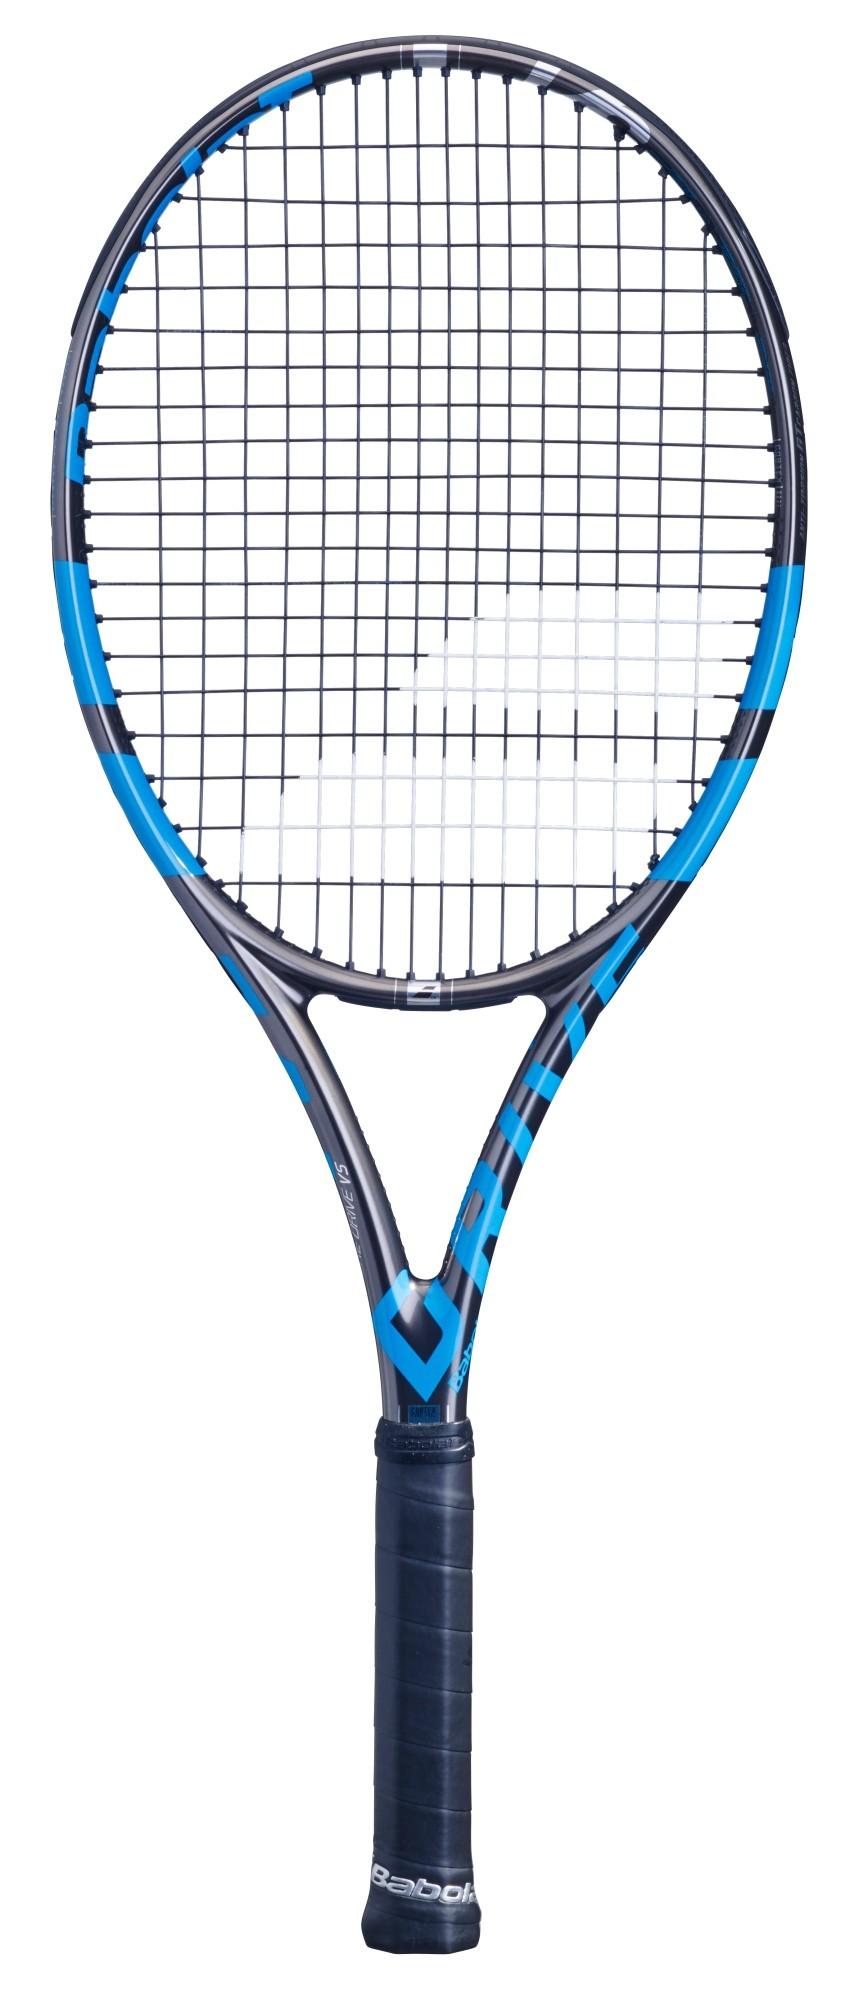 Rakieta tenisowa Babolat Pure Drive VS 2019 + naciąg RPM Blast